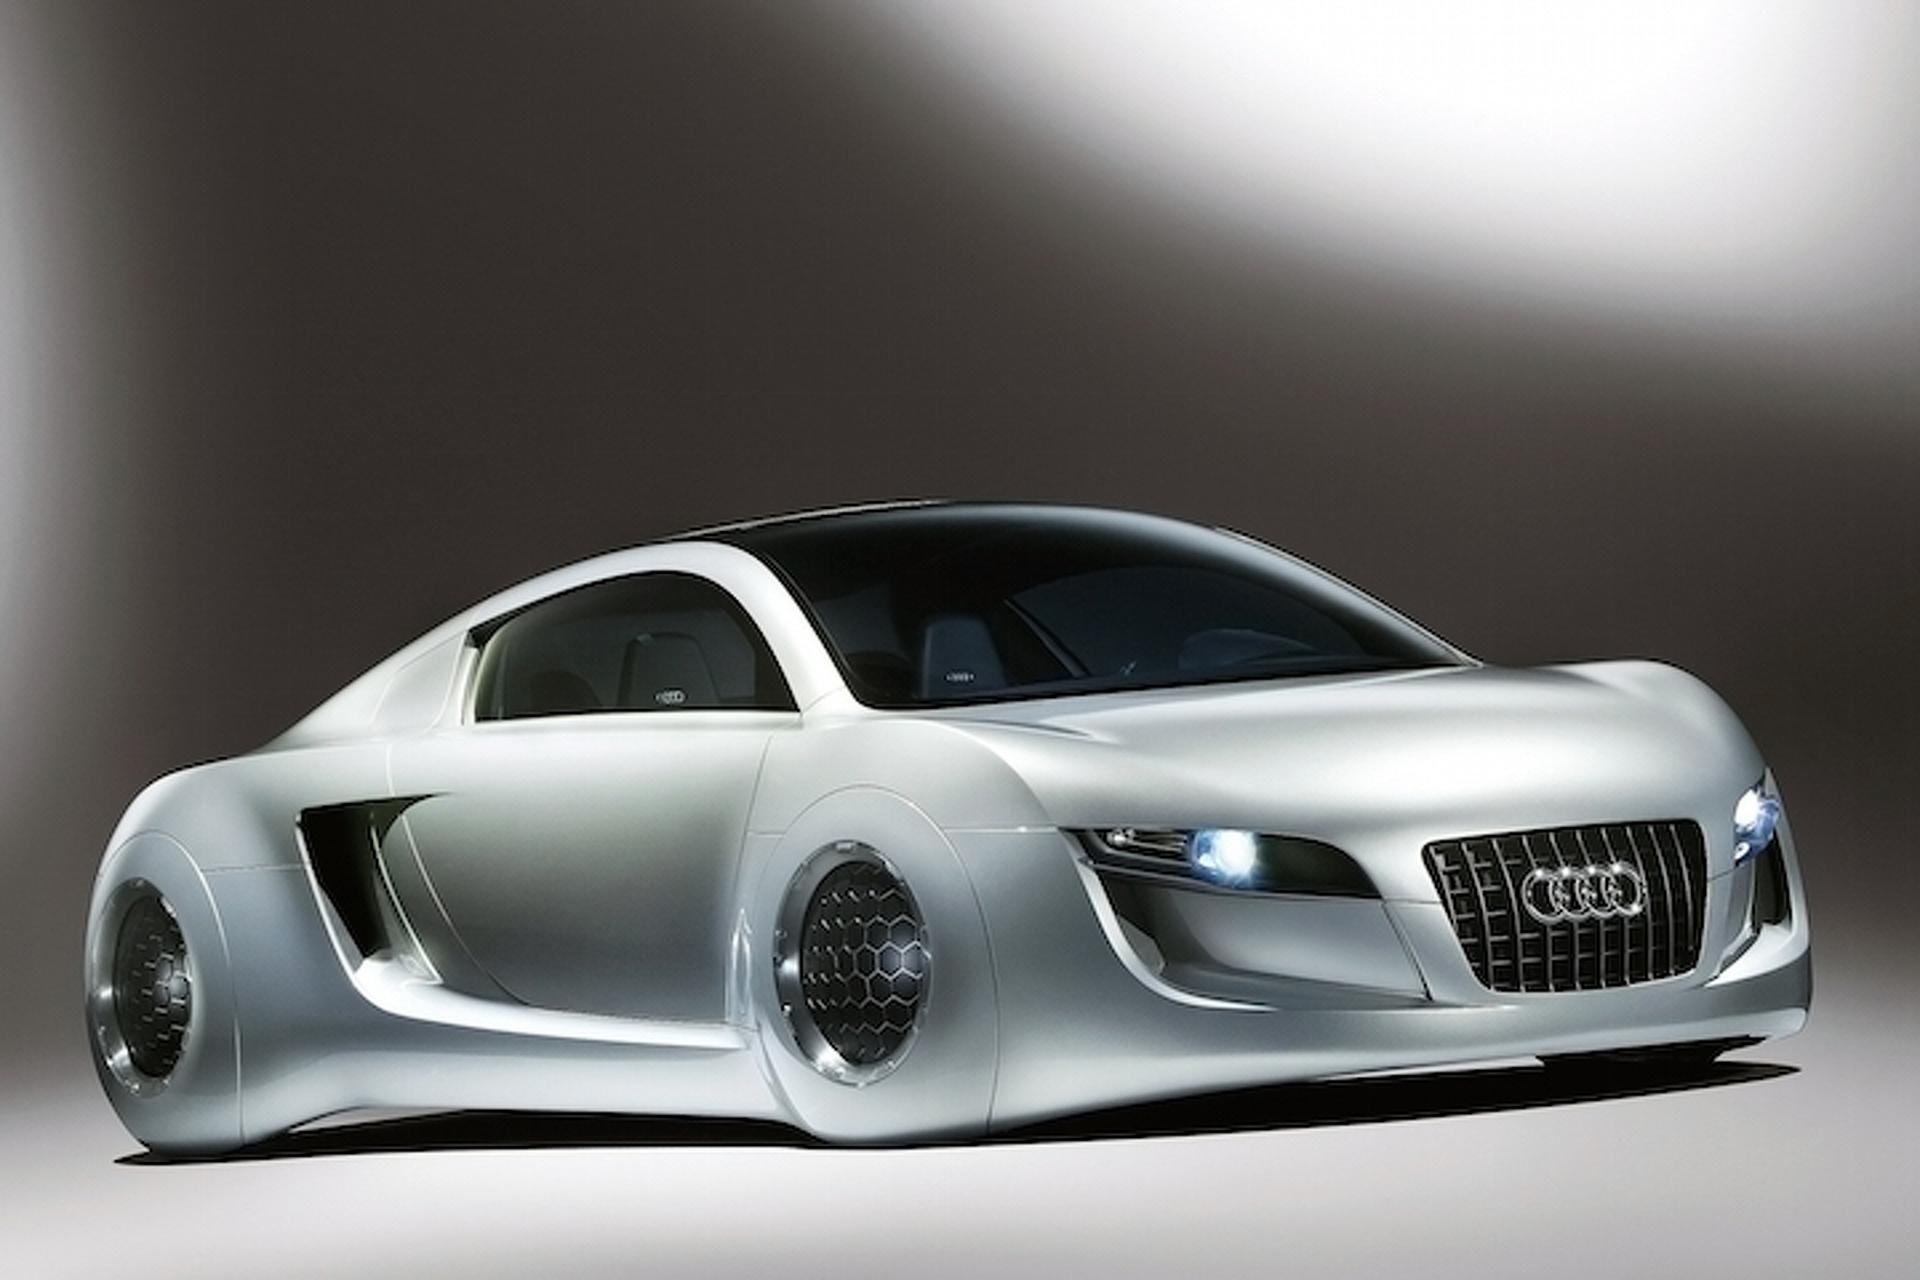 Strangest Audi Concept Cars Ever Built - Audi car 7